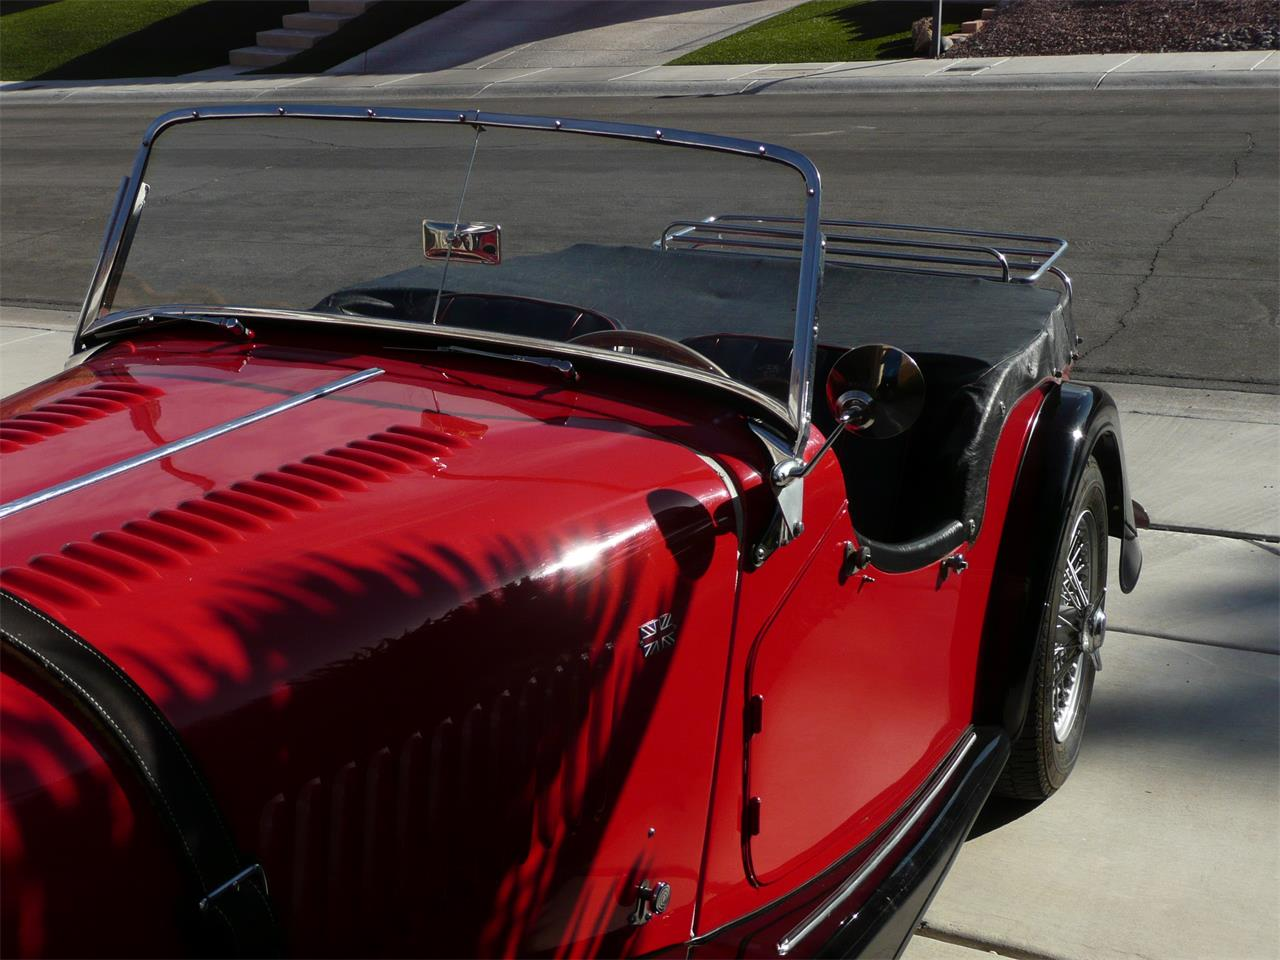 1962 Morgan Roadster (CC-1199614) for sale in Dallas, Texas